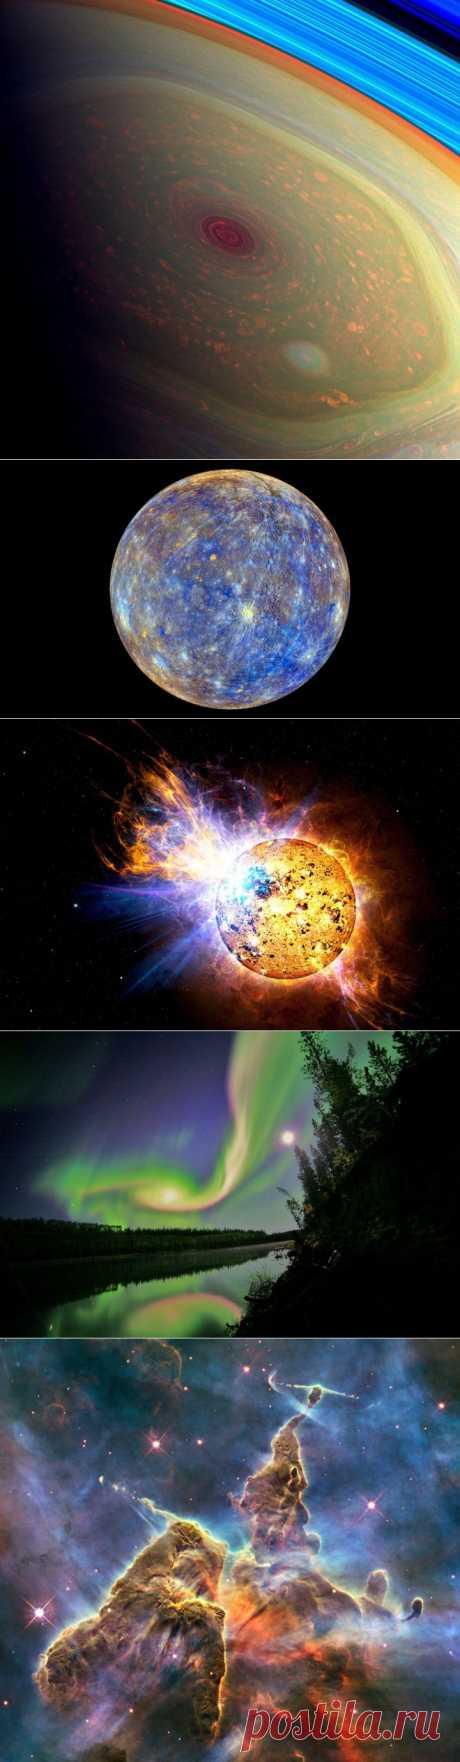 Поразительные космические фотографии, вдохновившиесоздателей сериала «Космос» | Наука и техника